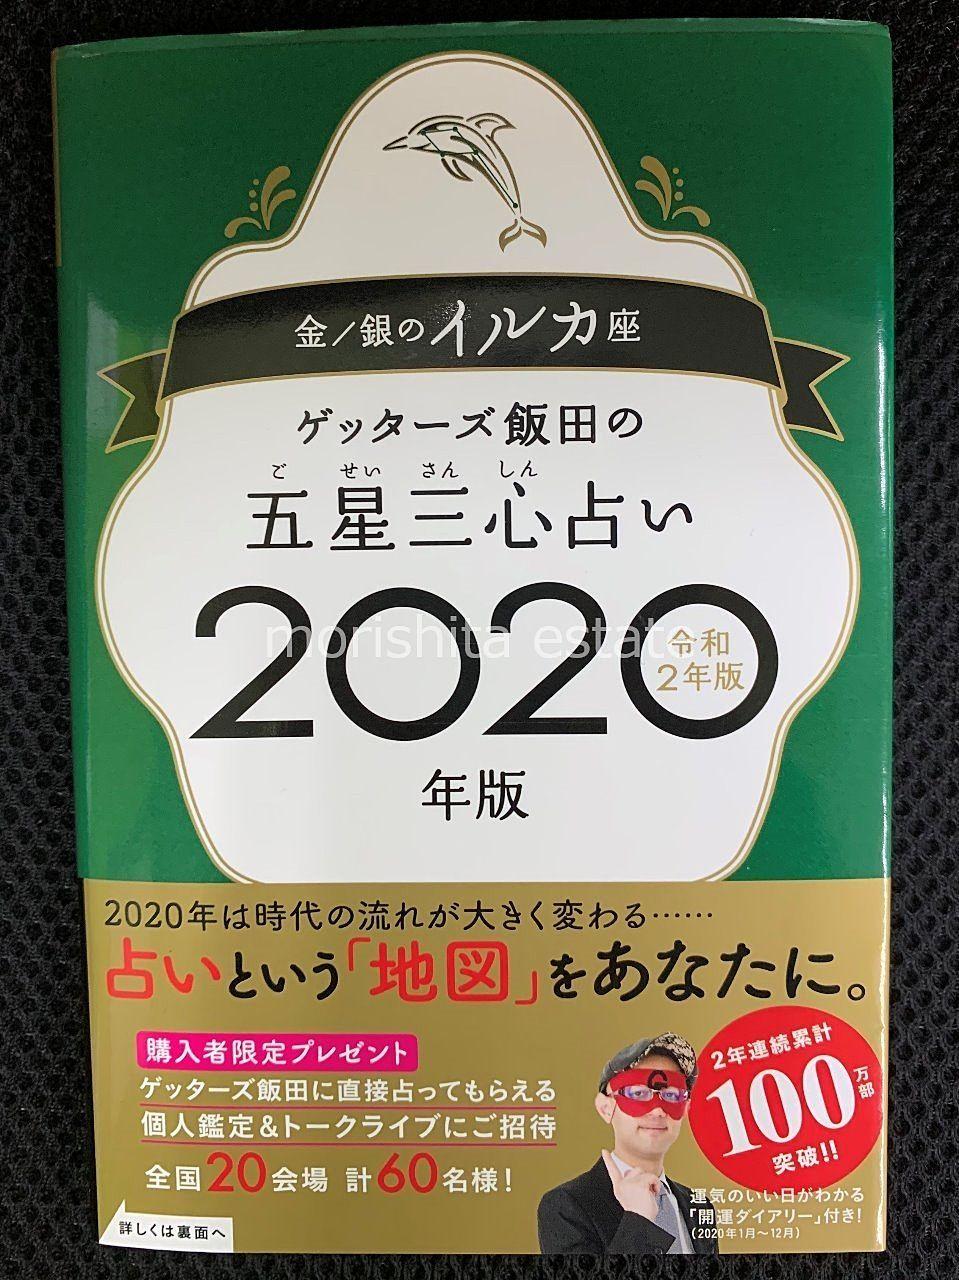 ゲッターズ飯田 五星三心占い 2020年 写真